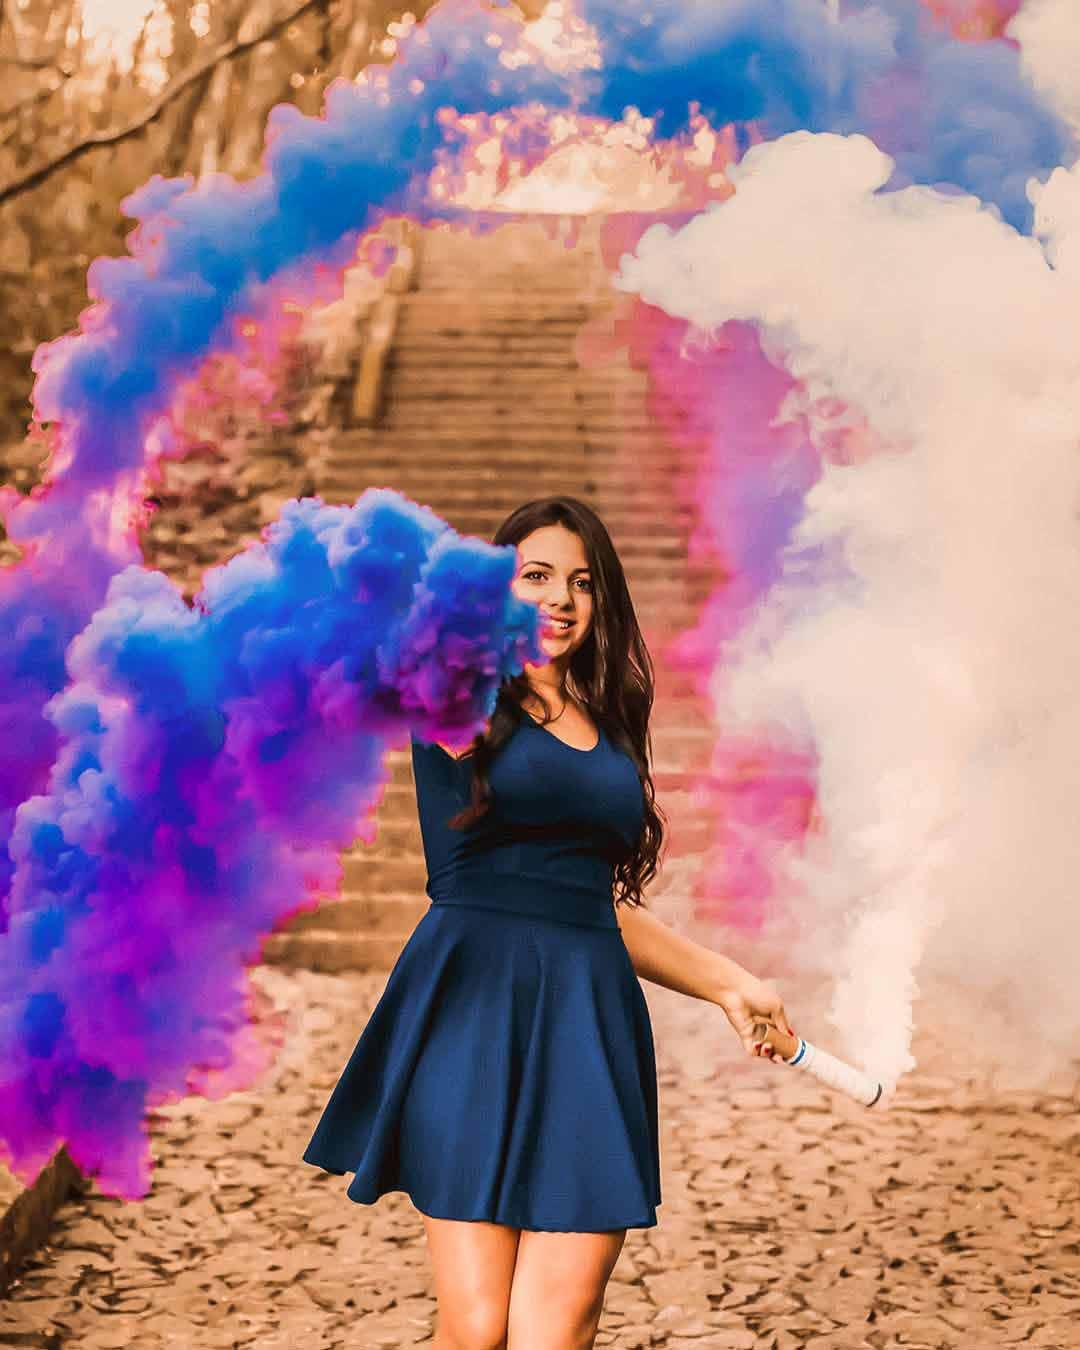 ensaio com fumaca colorida ruinas do poleto